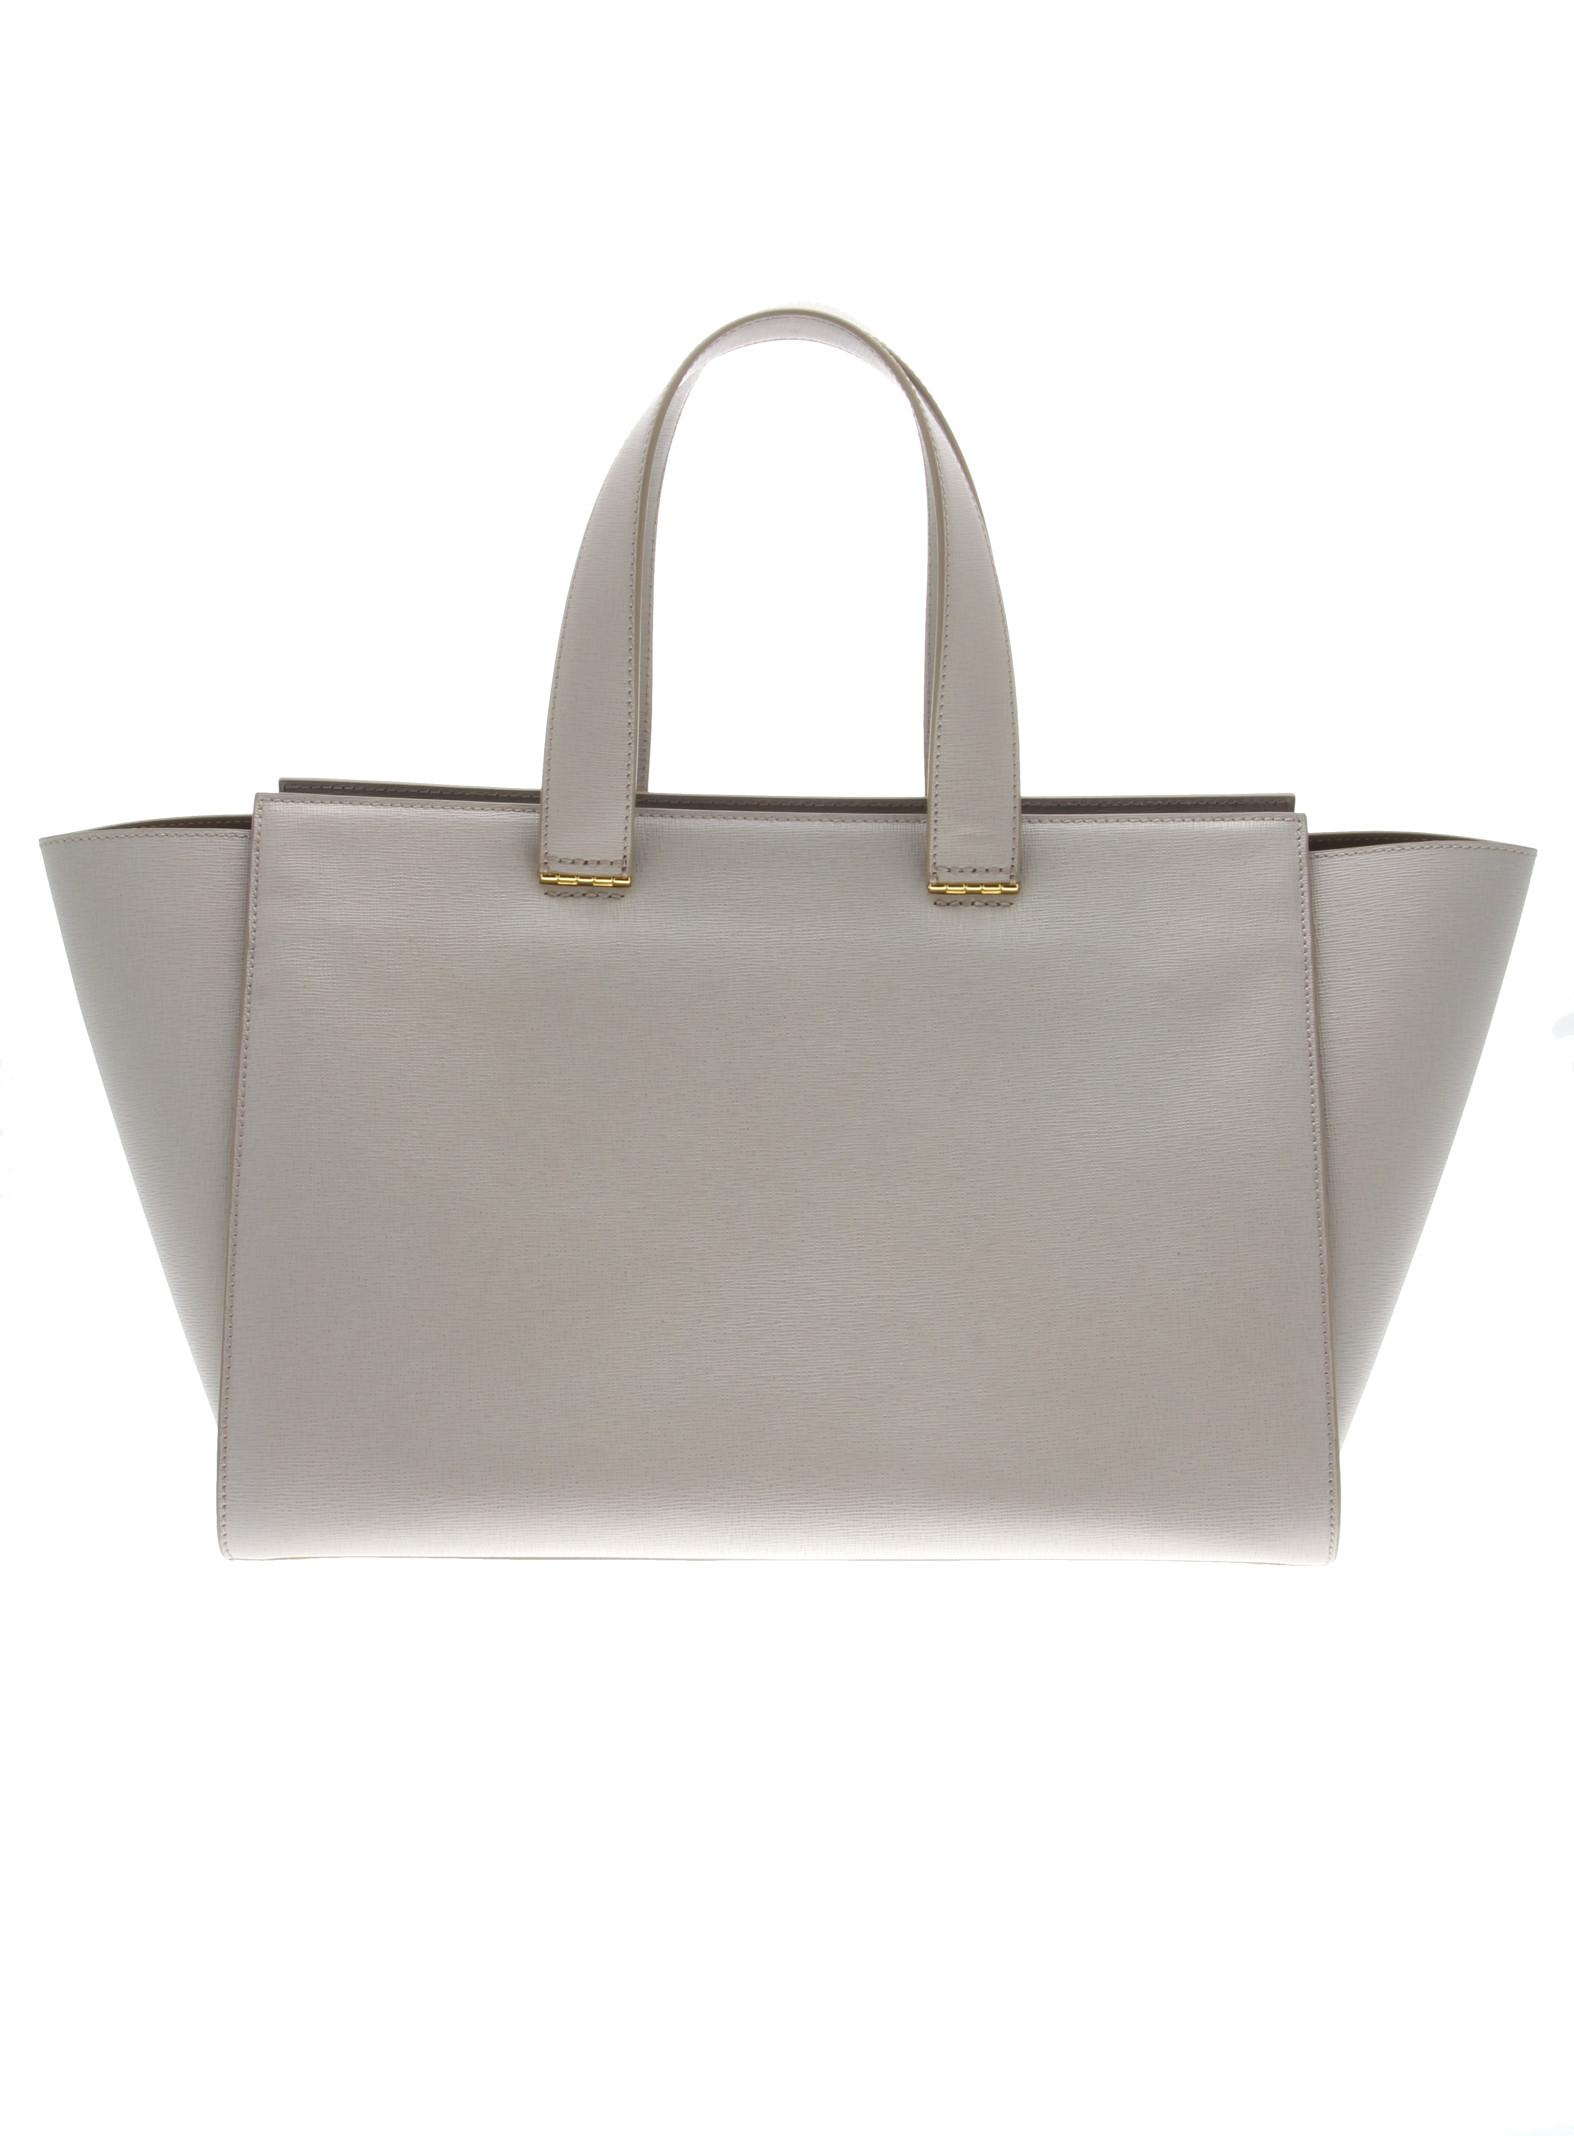 Giorgio armani Shopping in Pelle Saffiano Charni¨¨re Dor¨¦e in Gray ...